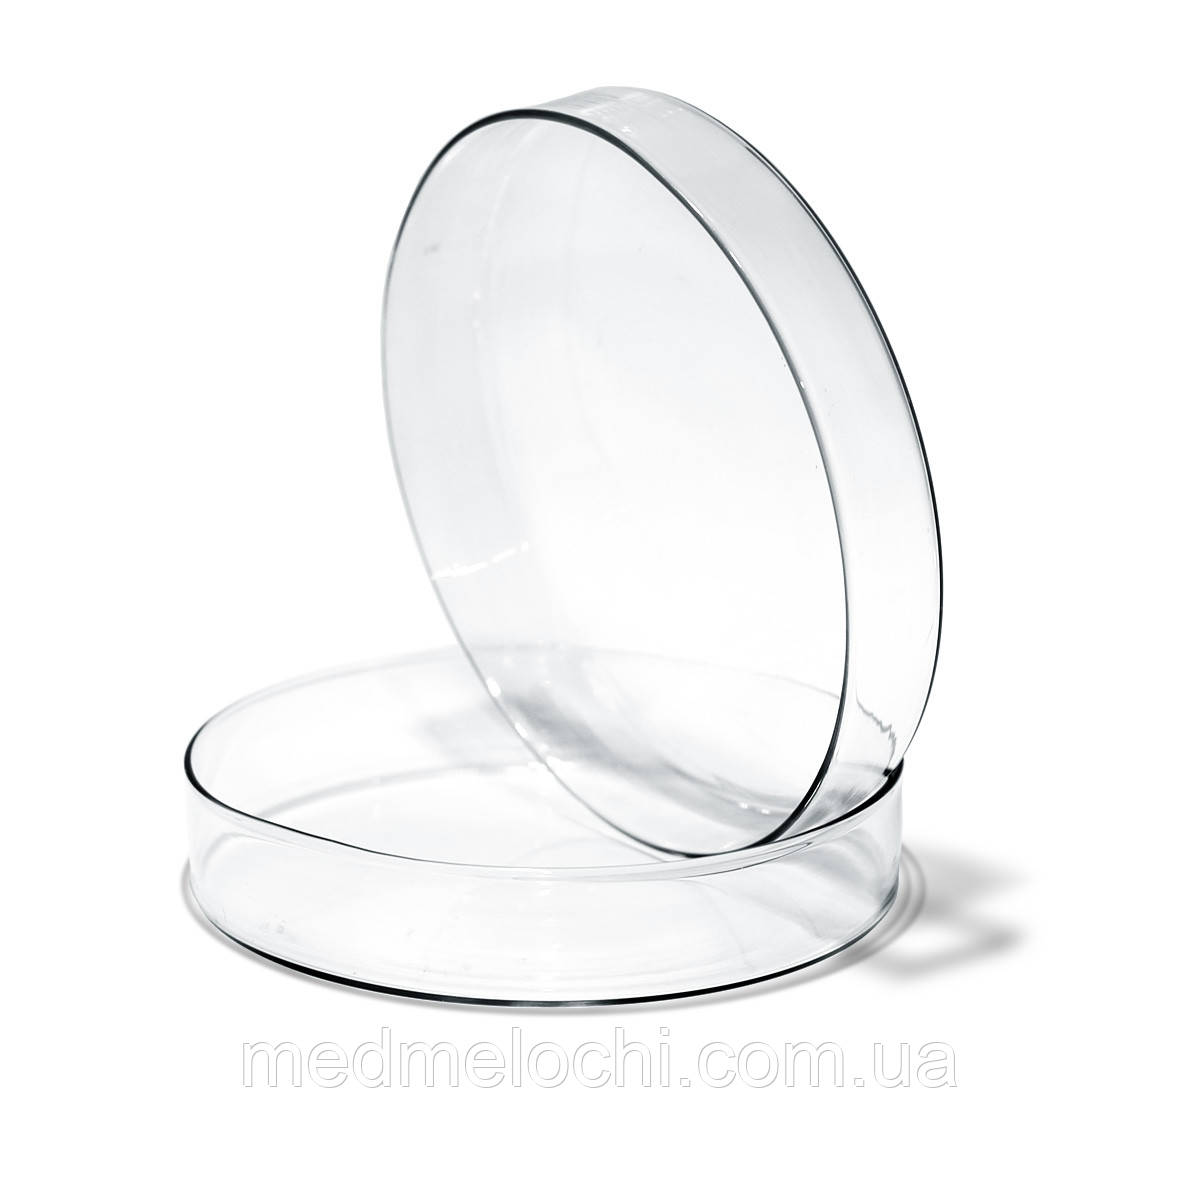 Чашка Петрі полімерна стерильна, діаметр 90 мм